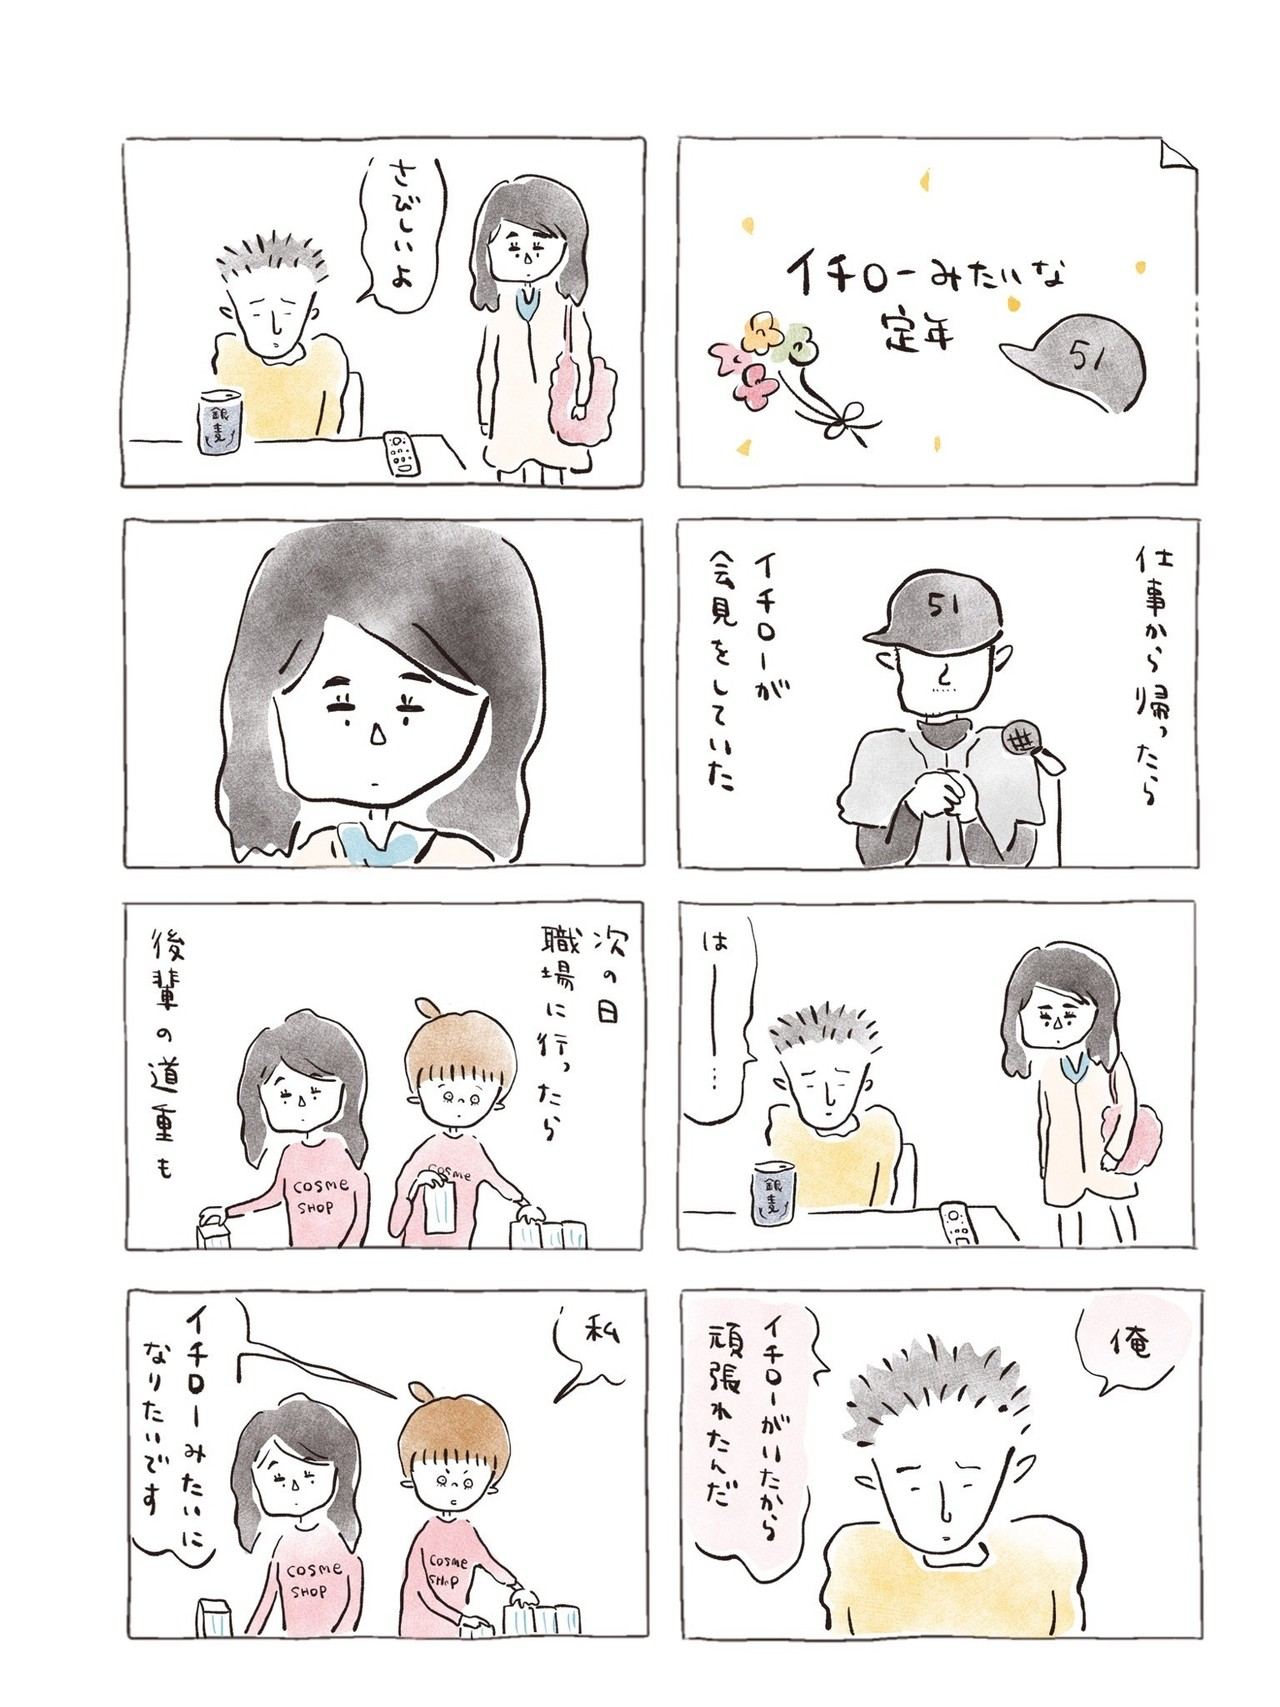 【イチローみたいな定年】1